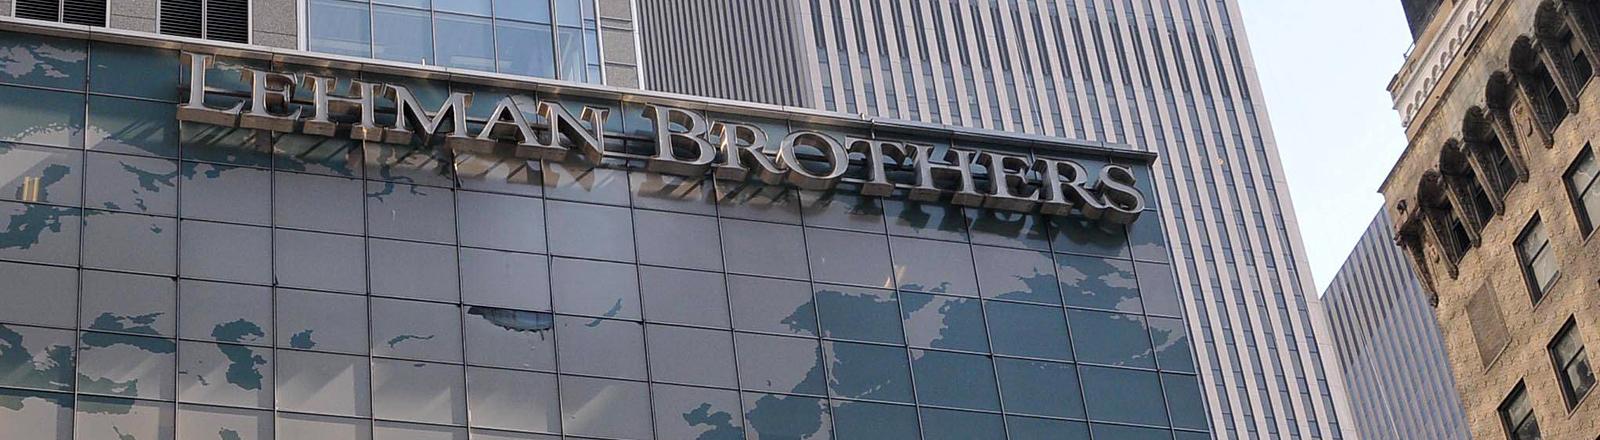 Blick auf die Bank der Lehman Brothers